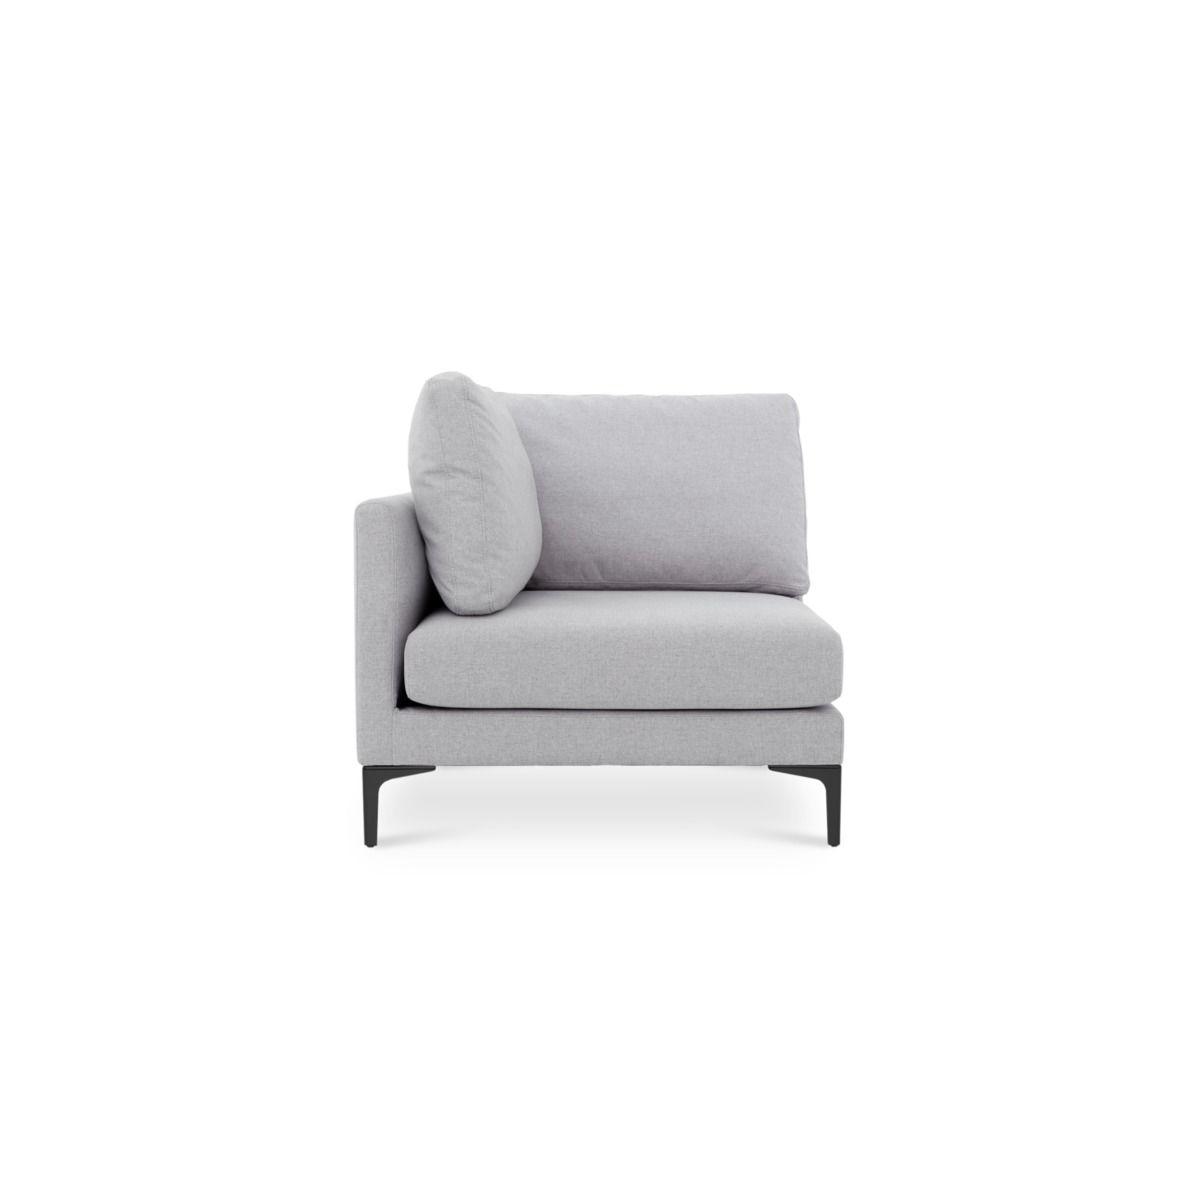 Adams Corner Sofa Dove Grey Black Leg In 2019 Corner Sofa